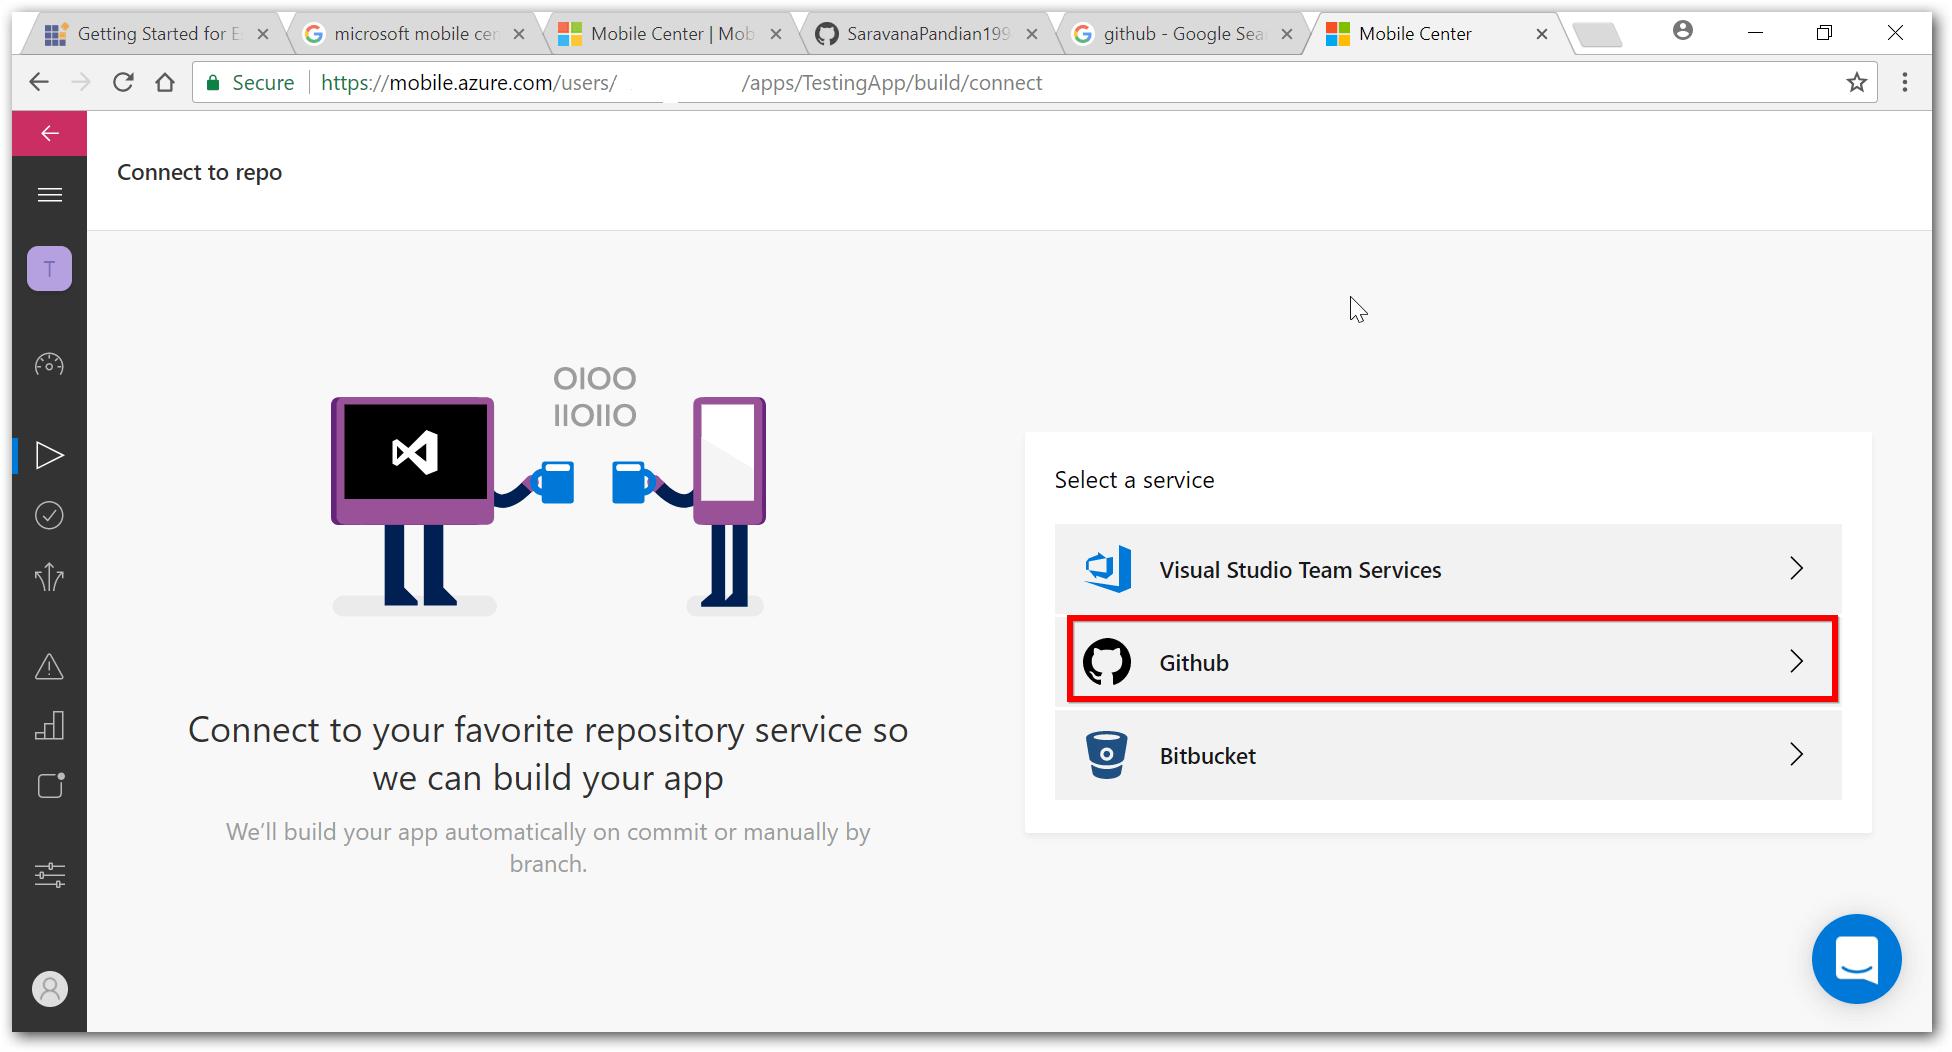 C:\Users\saravanapandian.muru\AppData\Local\Microsoft\Windows\INetCache\Content.Word\sshot-4.png